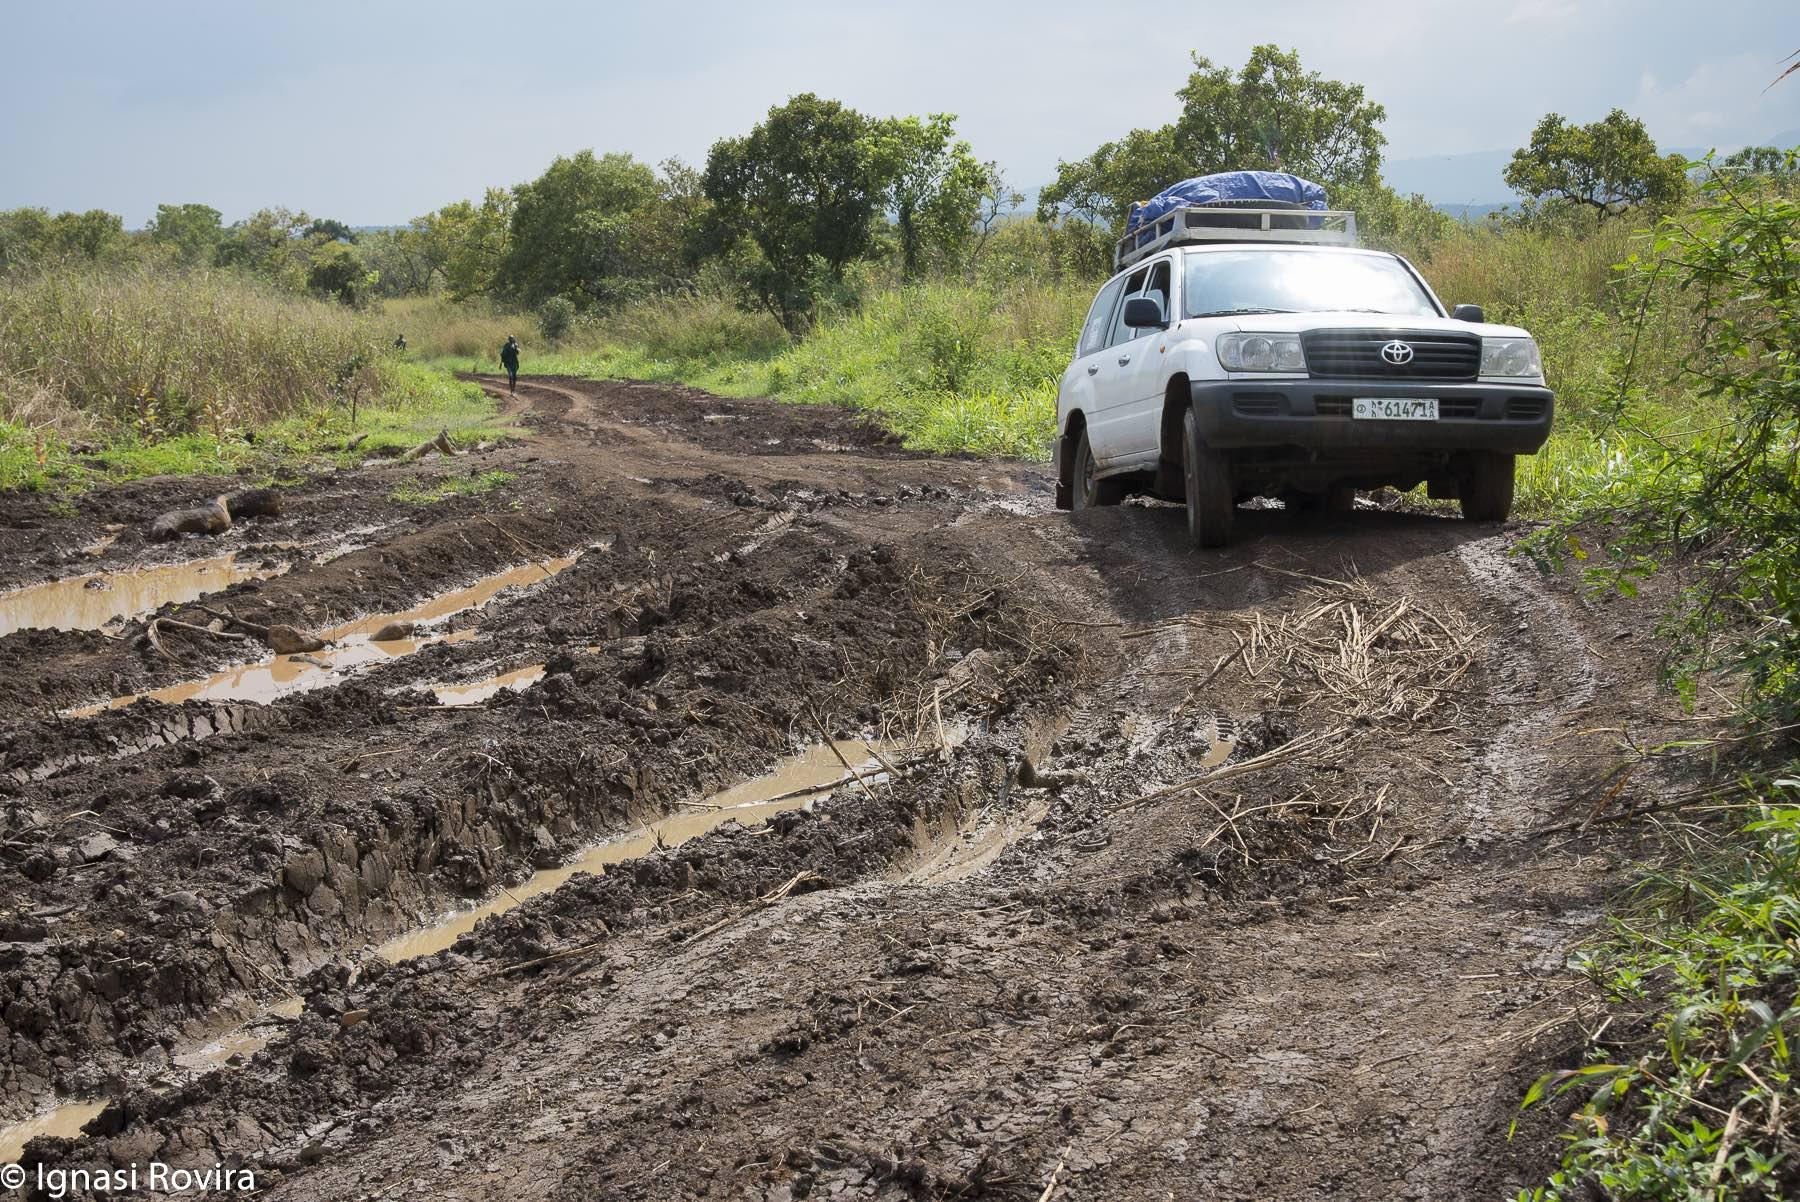 Entre Tum i Kibish - Viaje a Etiòpia